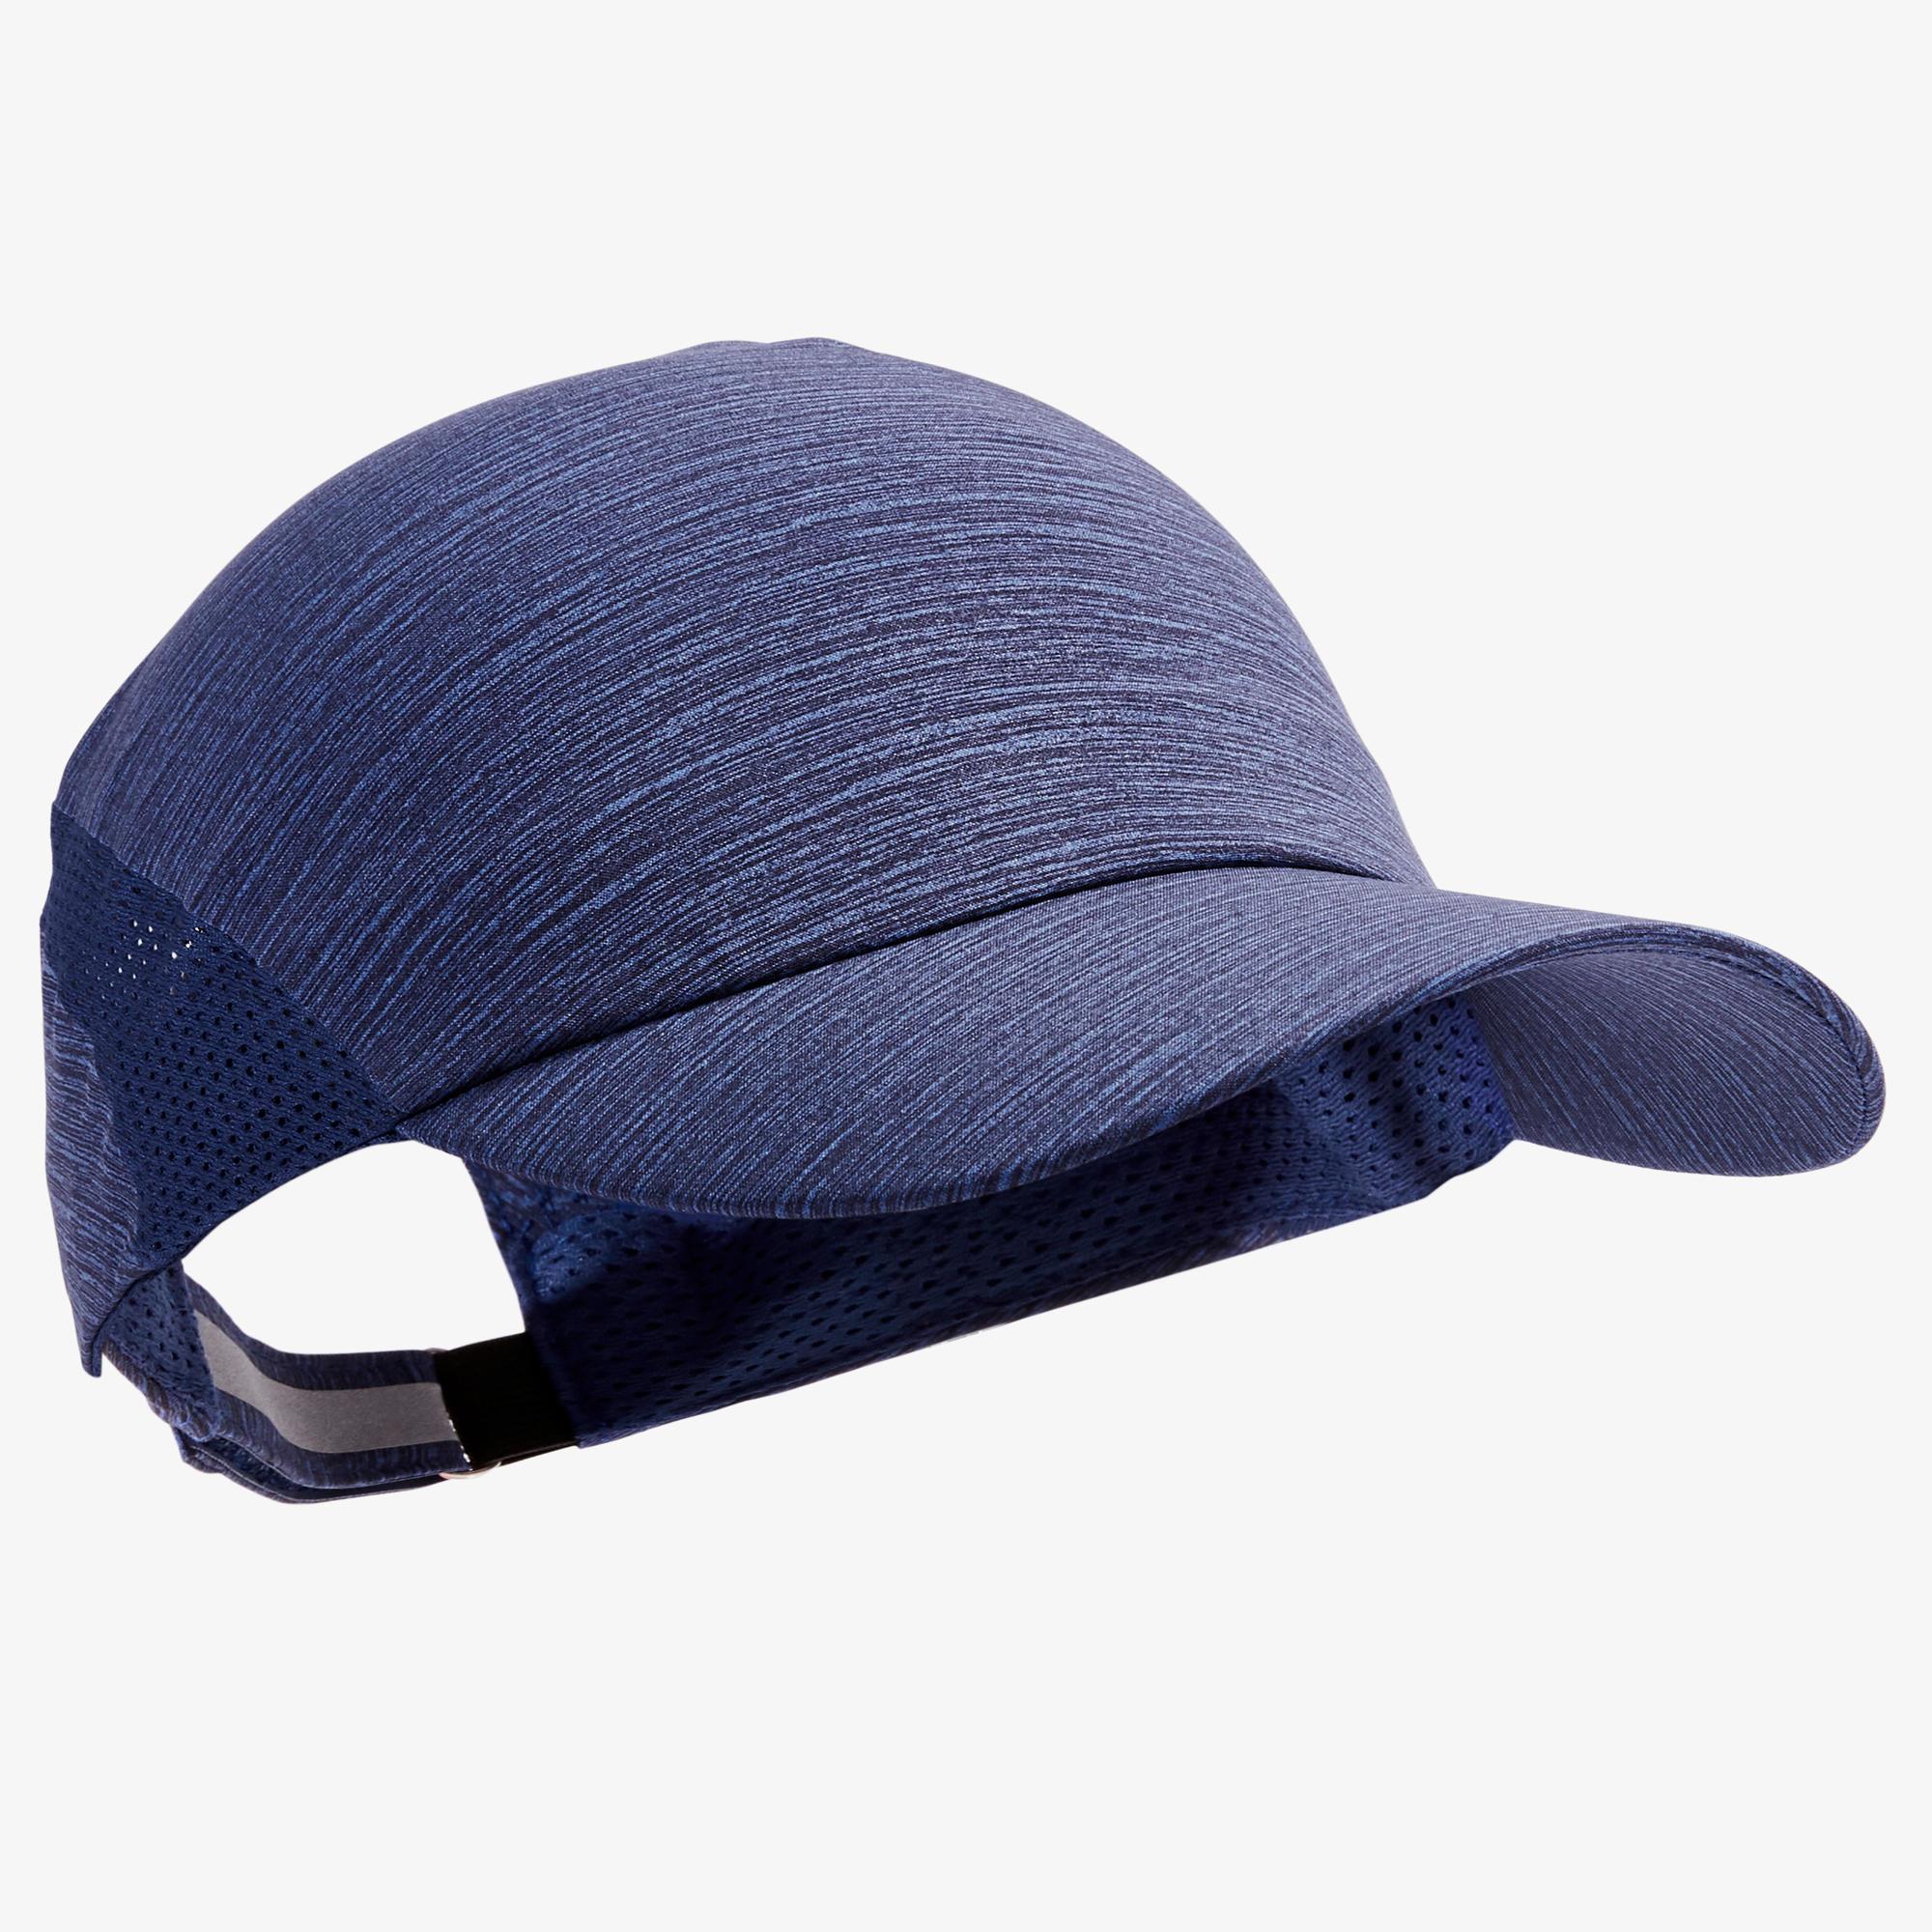 Lauf-Cap Erwachsene verstellbar blau Kopfumfang 51-63 cmErwachsene | Accessoires > Caps > Sonstige Caps | Blau | Kalenji